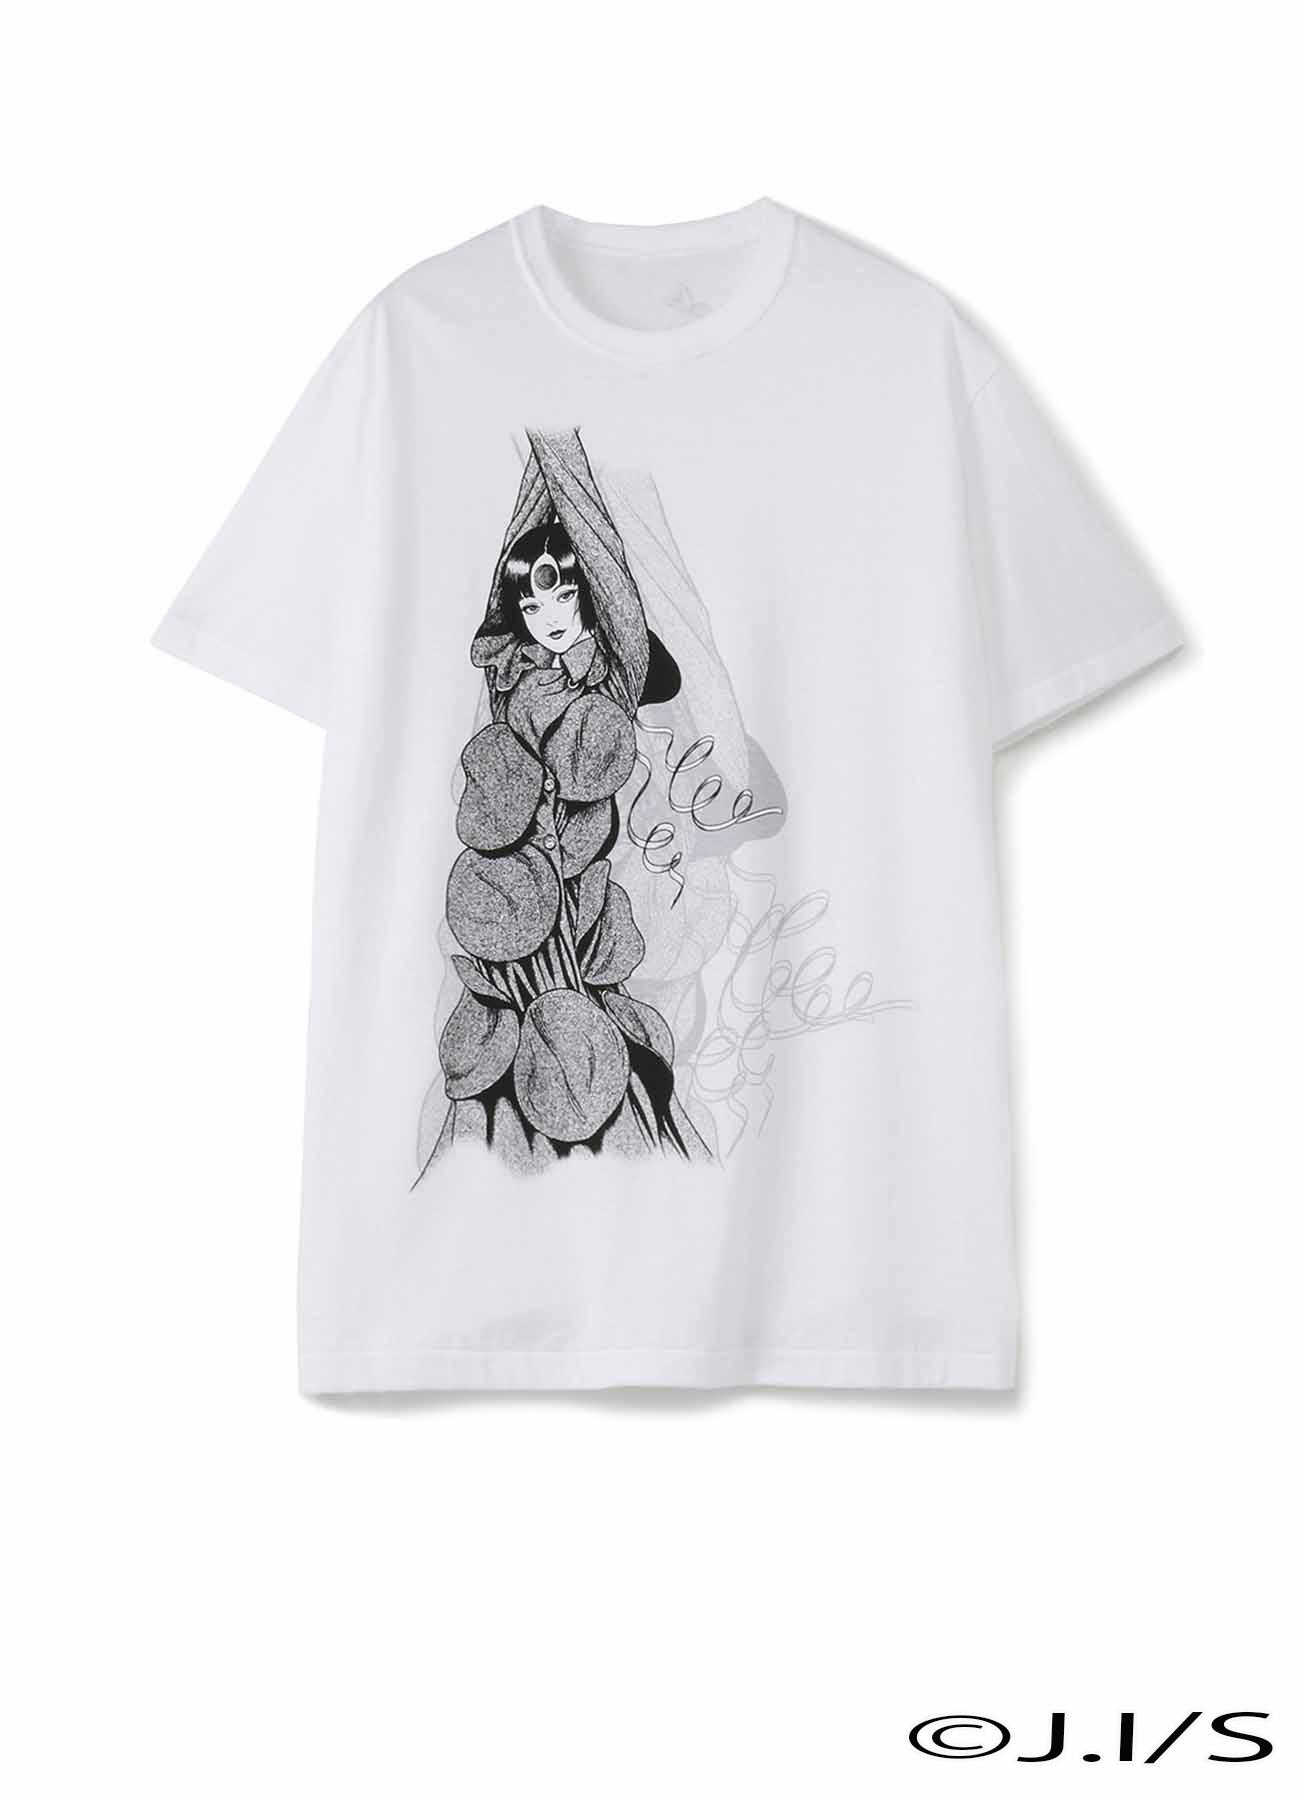 20/CottonJersey Azami Uzumaki Wearing Yohji Yamamoto T-shirt